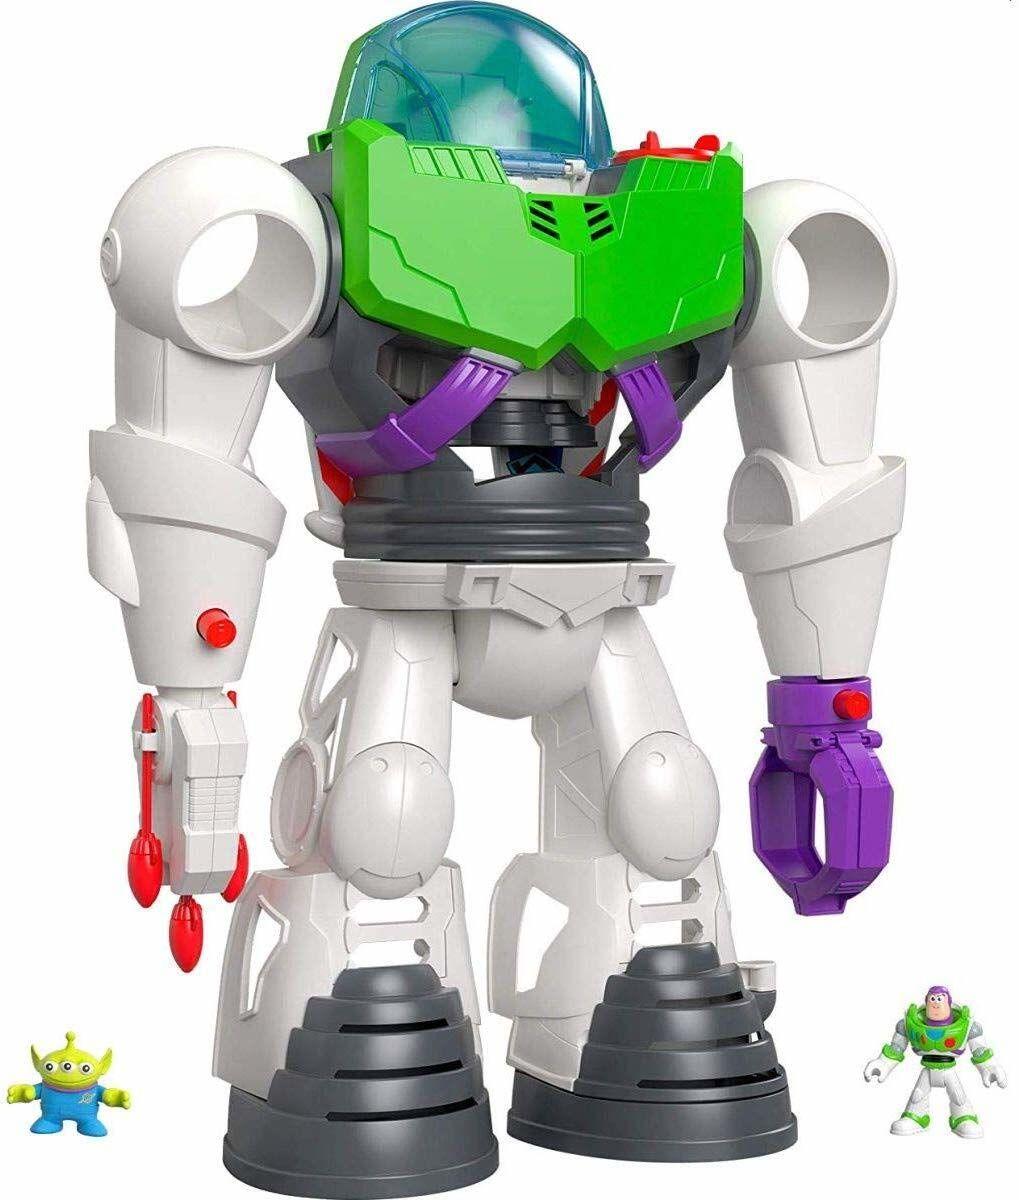 Fisher-Price Imaginext Disney Toy Story Buzz Lightyear Robot Playset z Buzz Lightyear i kosmiczną minifigurki